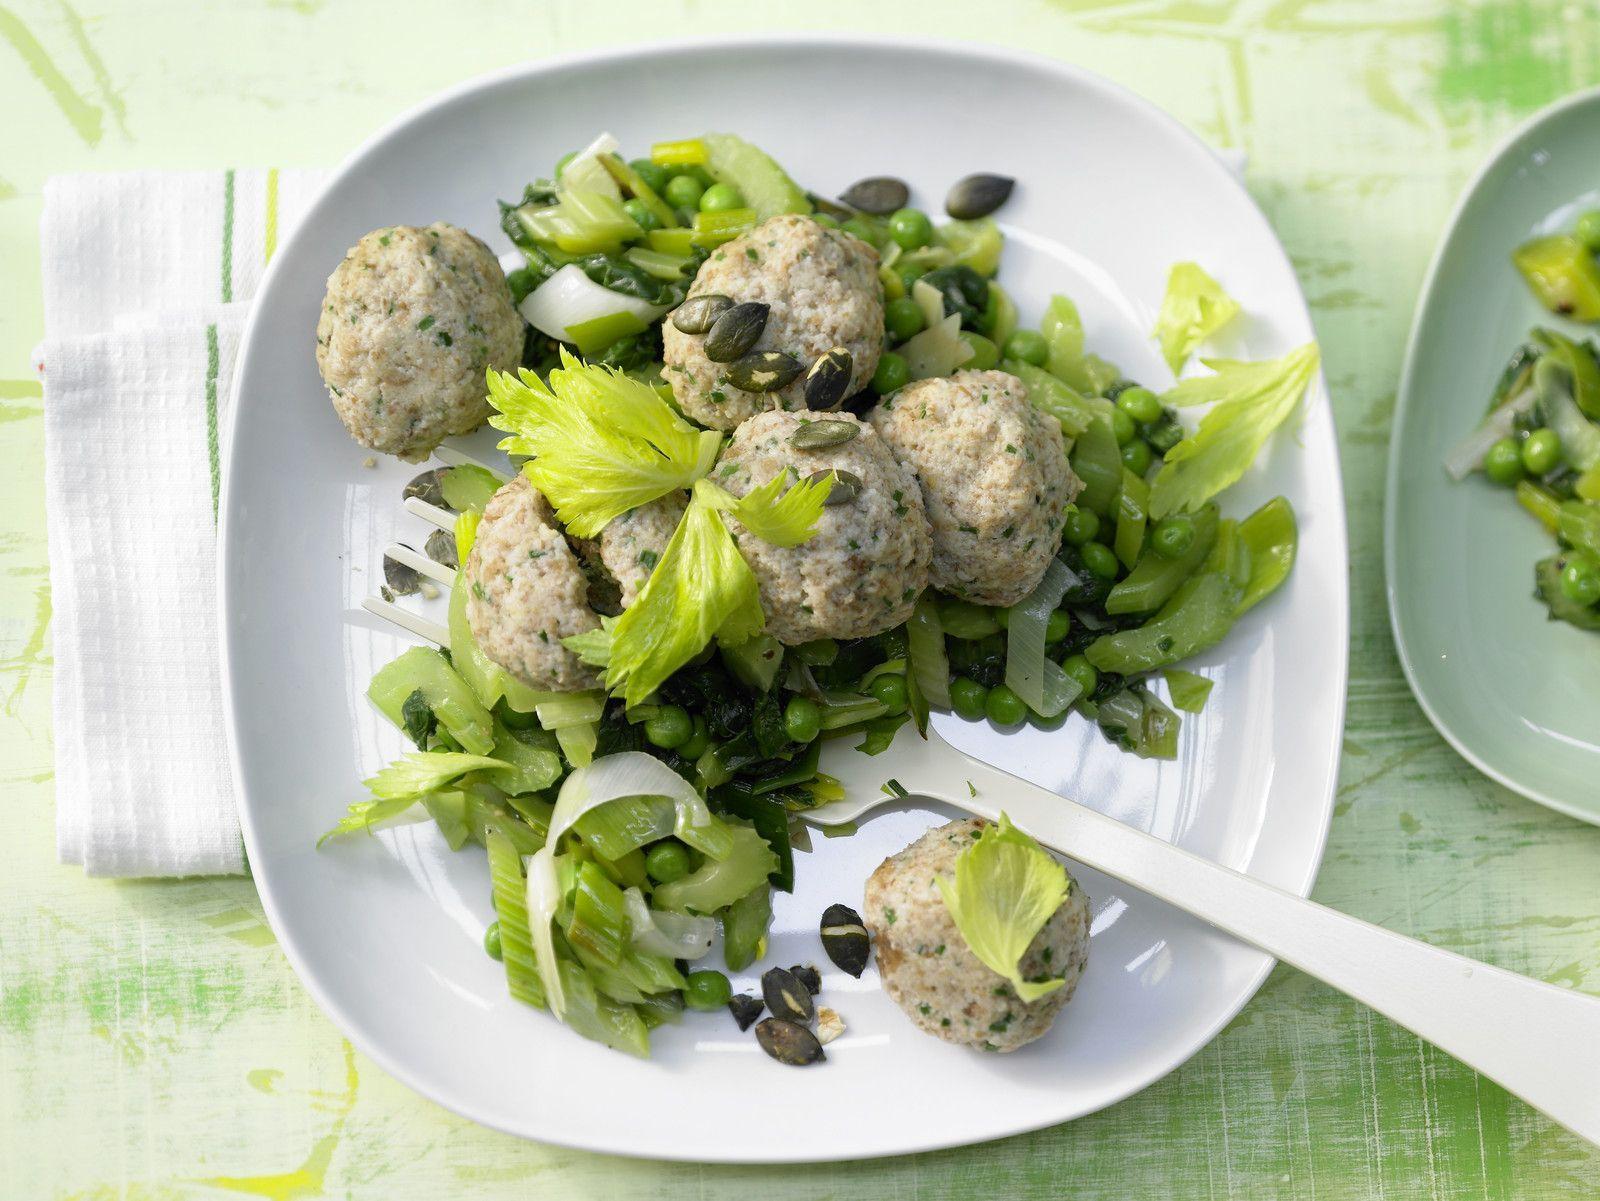 Semmelknödel auf Gemüse - mit Schnittlauch und Kürbiskernen - smarter - Kalorien: 385 Kcal - Zeit: 45 Min. | eatsmarter.de